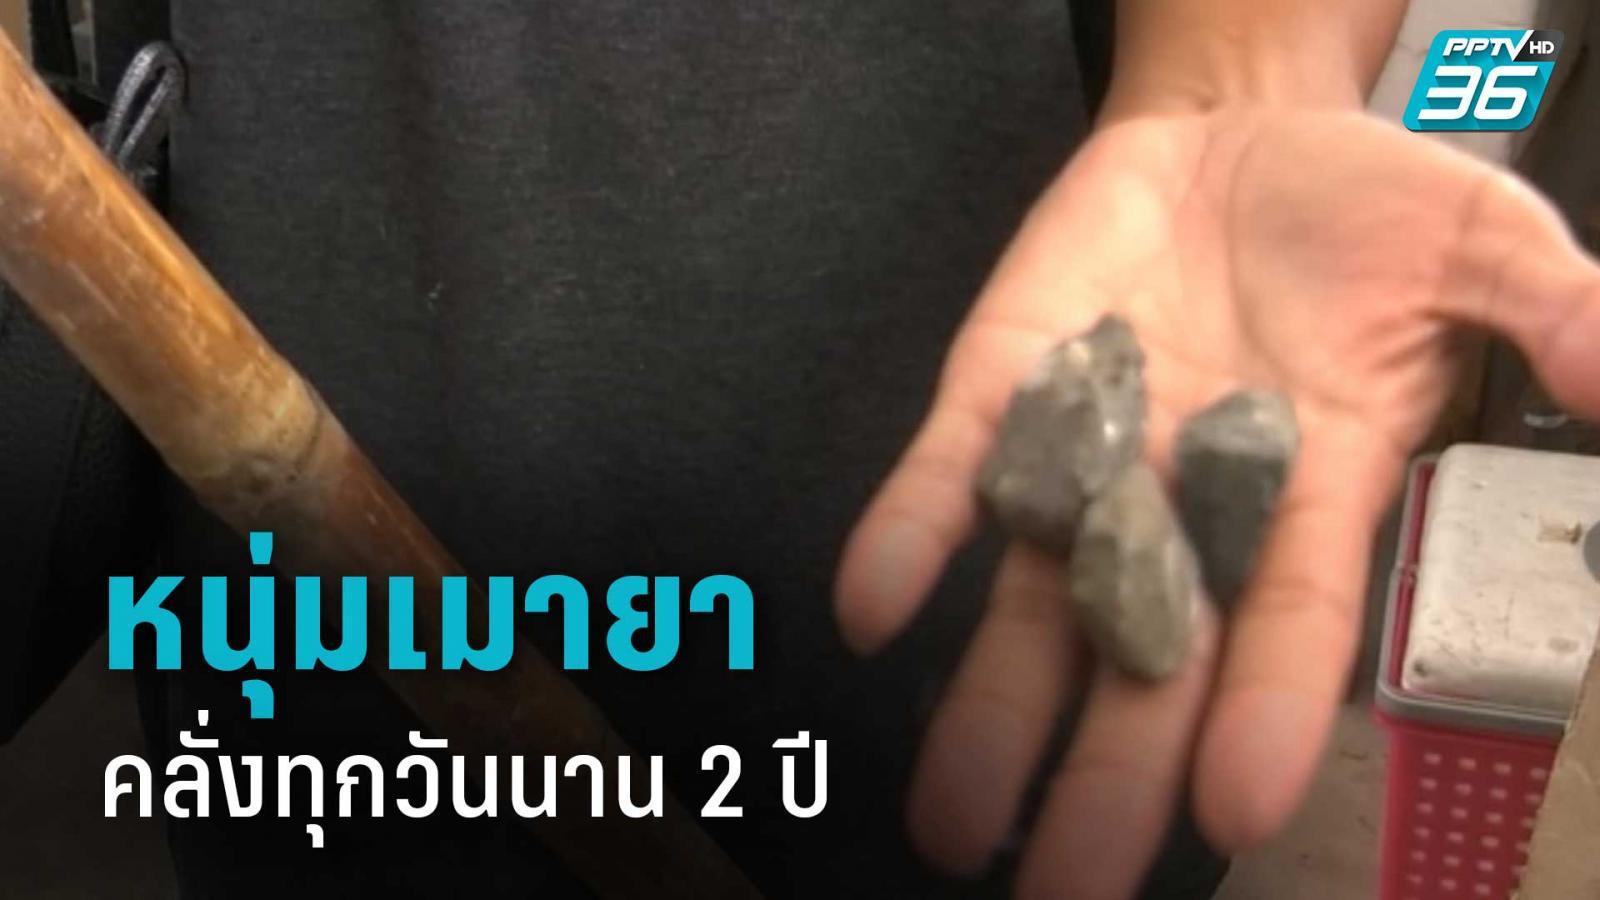 ชาวบุรีรัมย์สุดทน หนุ่มเมายาคลั่งอาละวาดทุกวันนาน 2 ปี